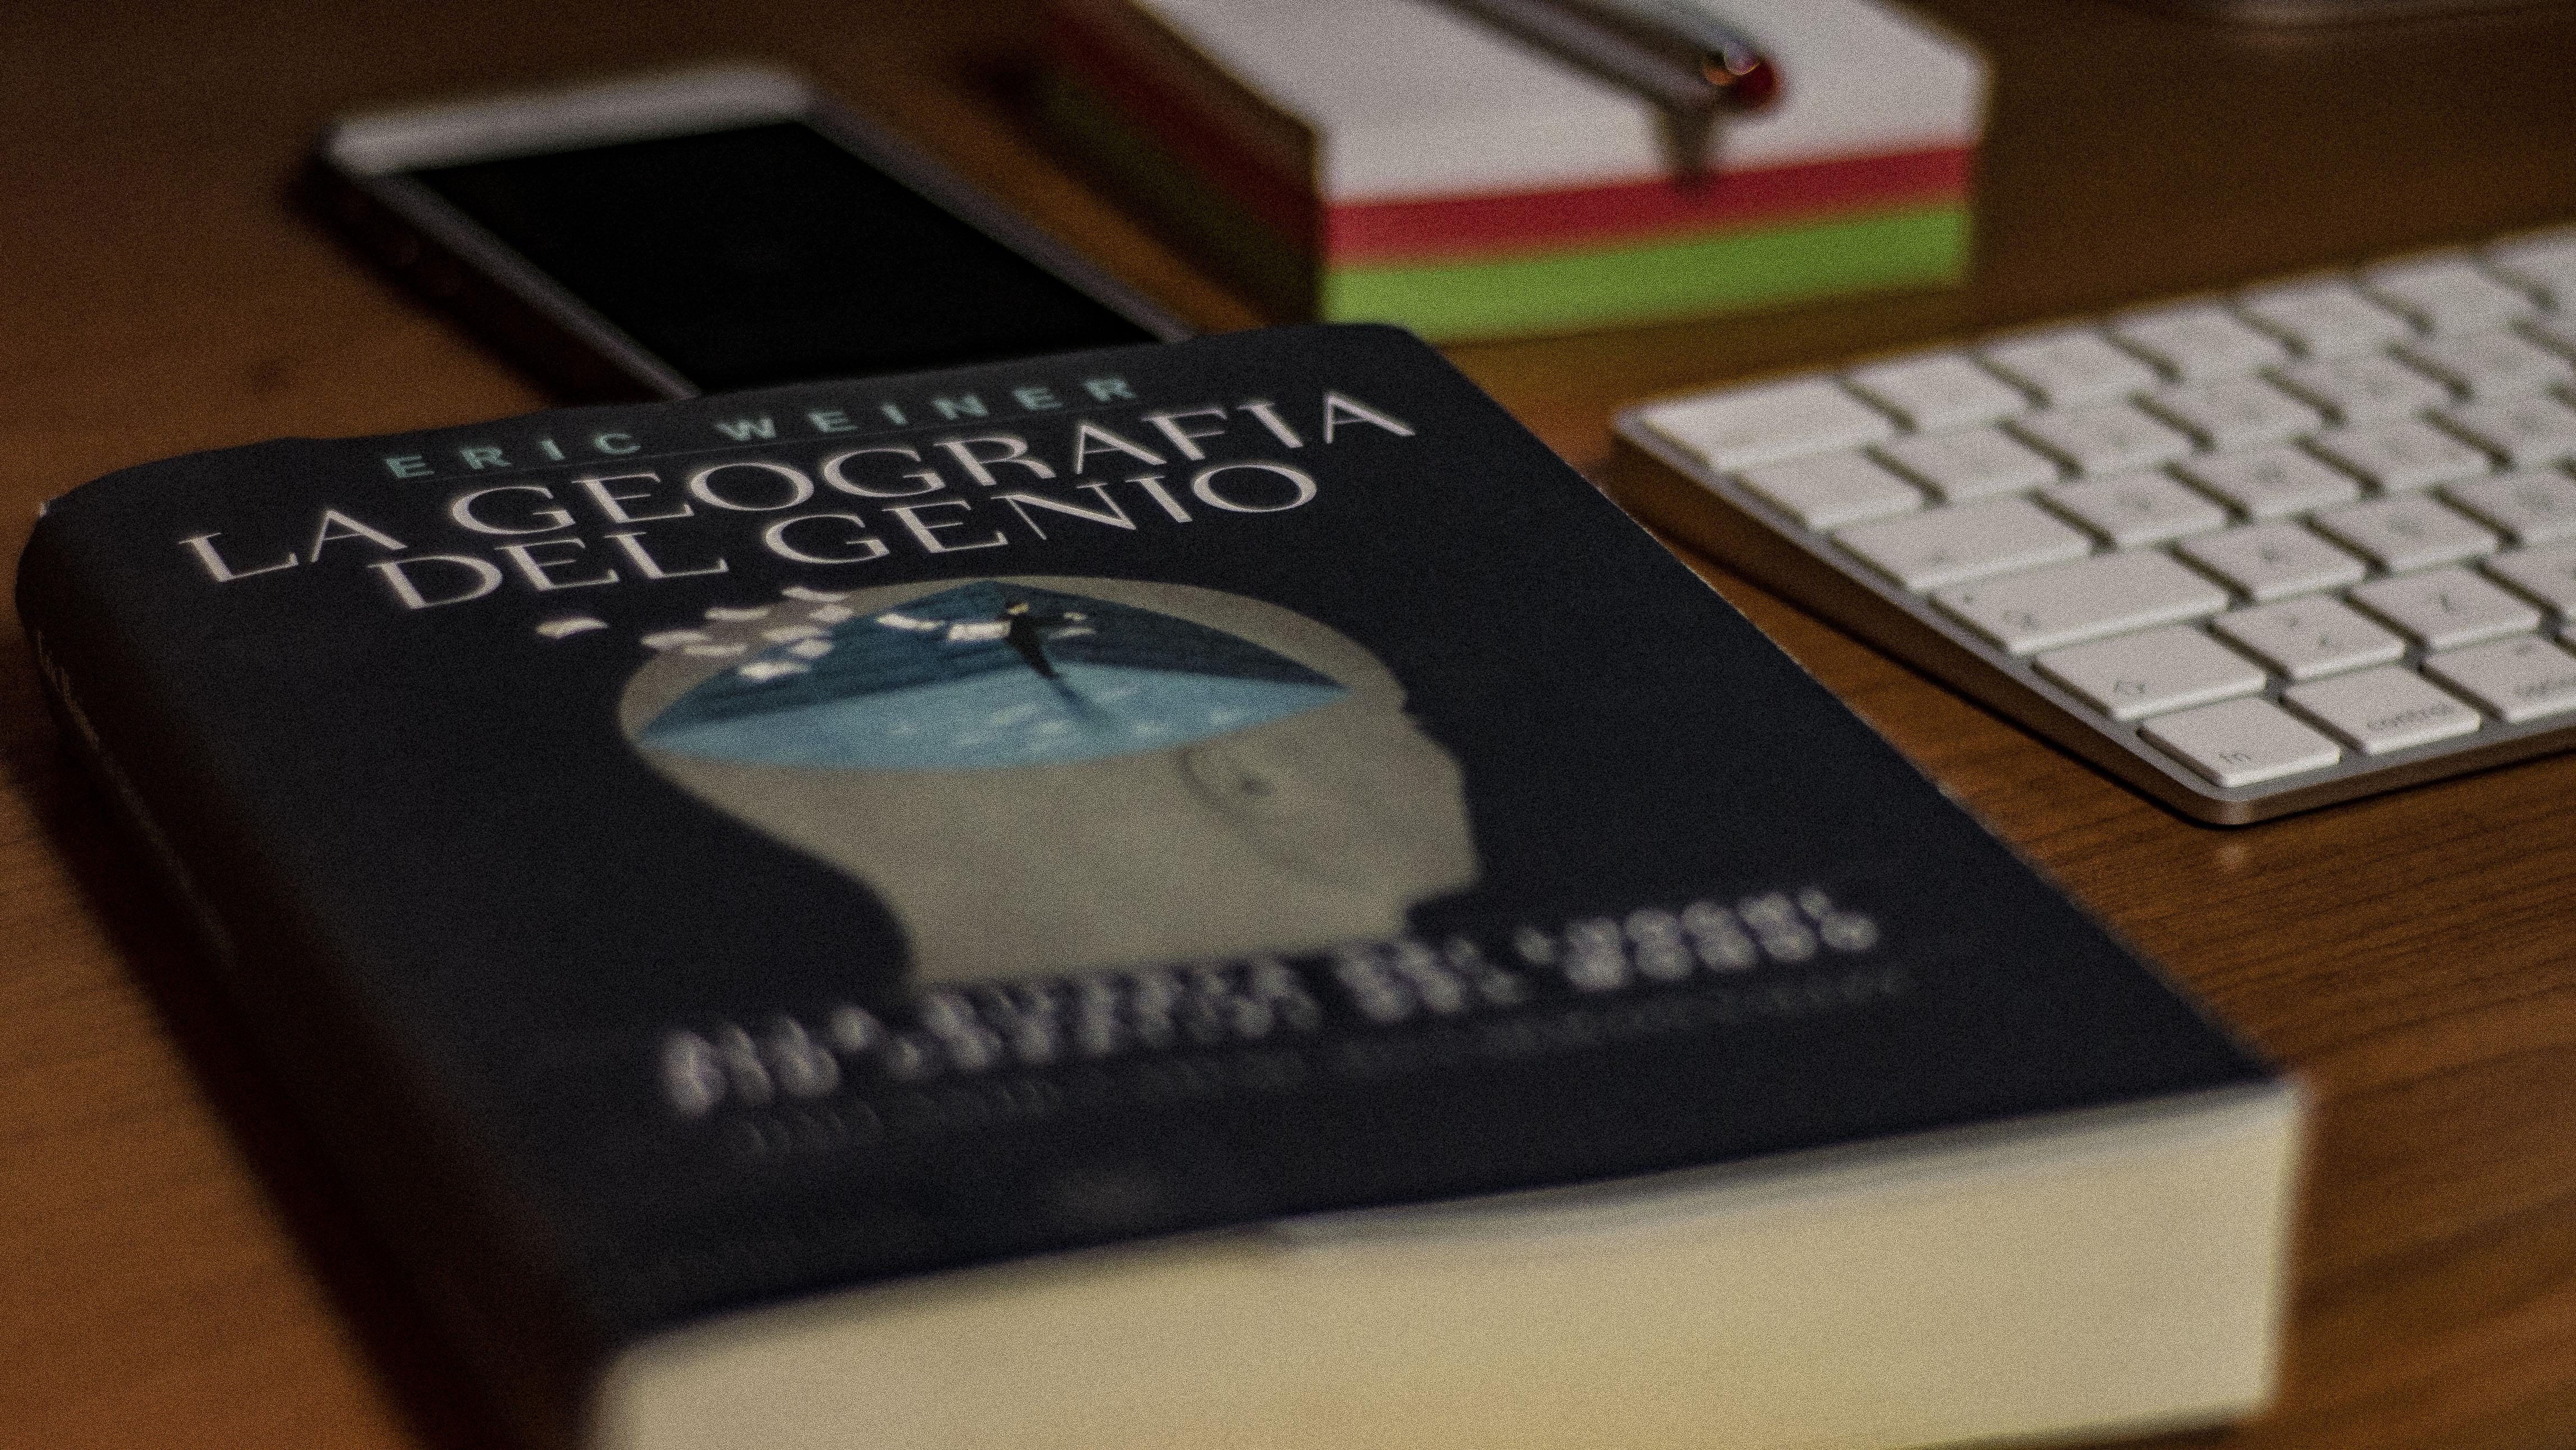 Libri sul comodino: La Geografia del Genio – il libro che dovete leggere per capire dove risiede la creatività